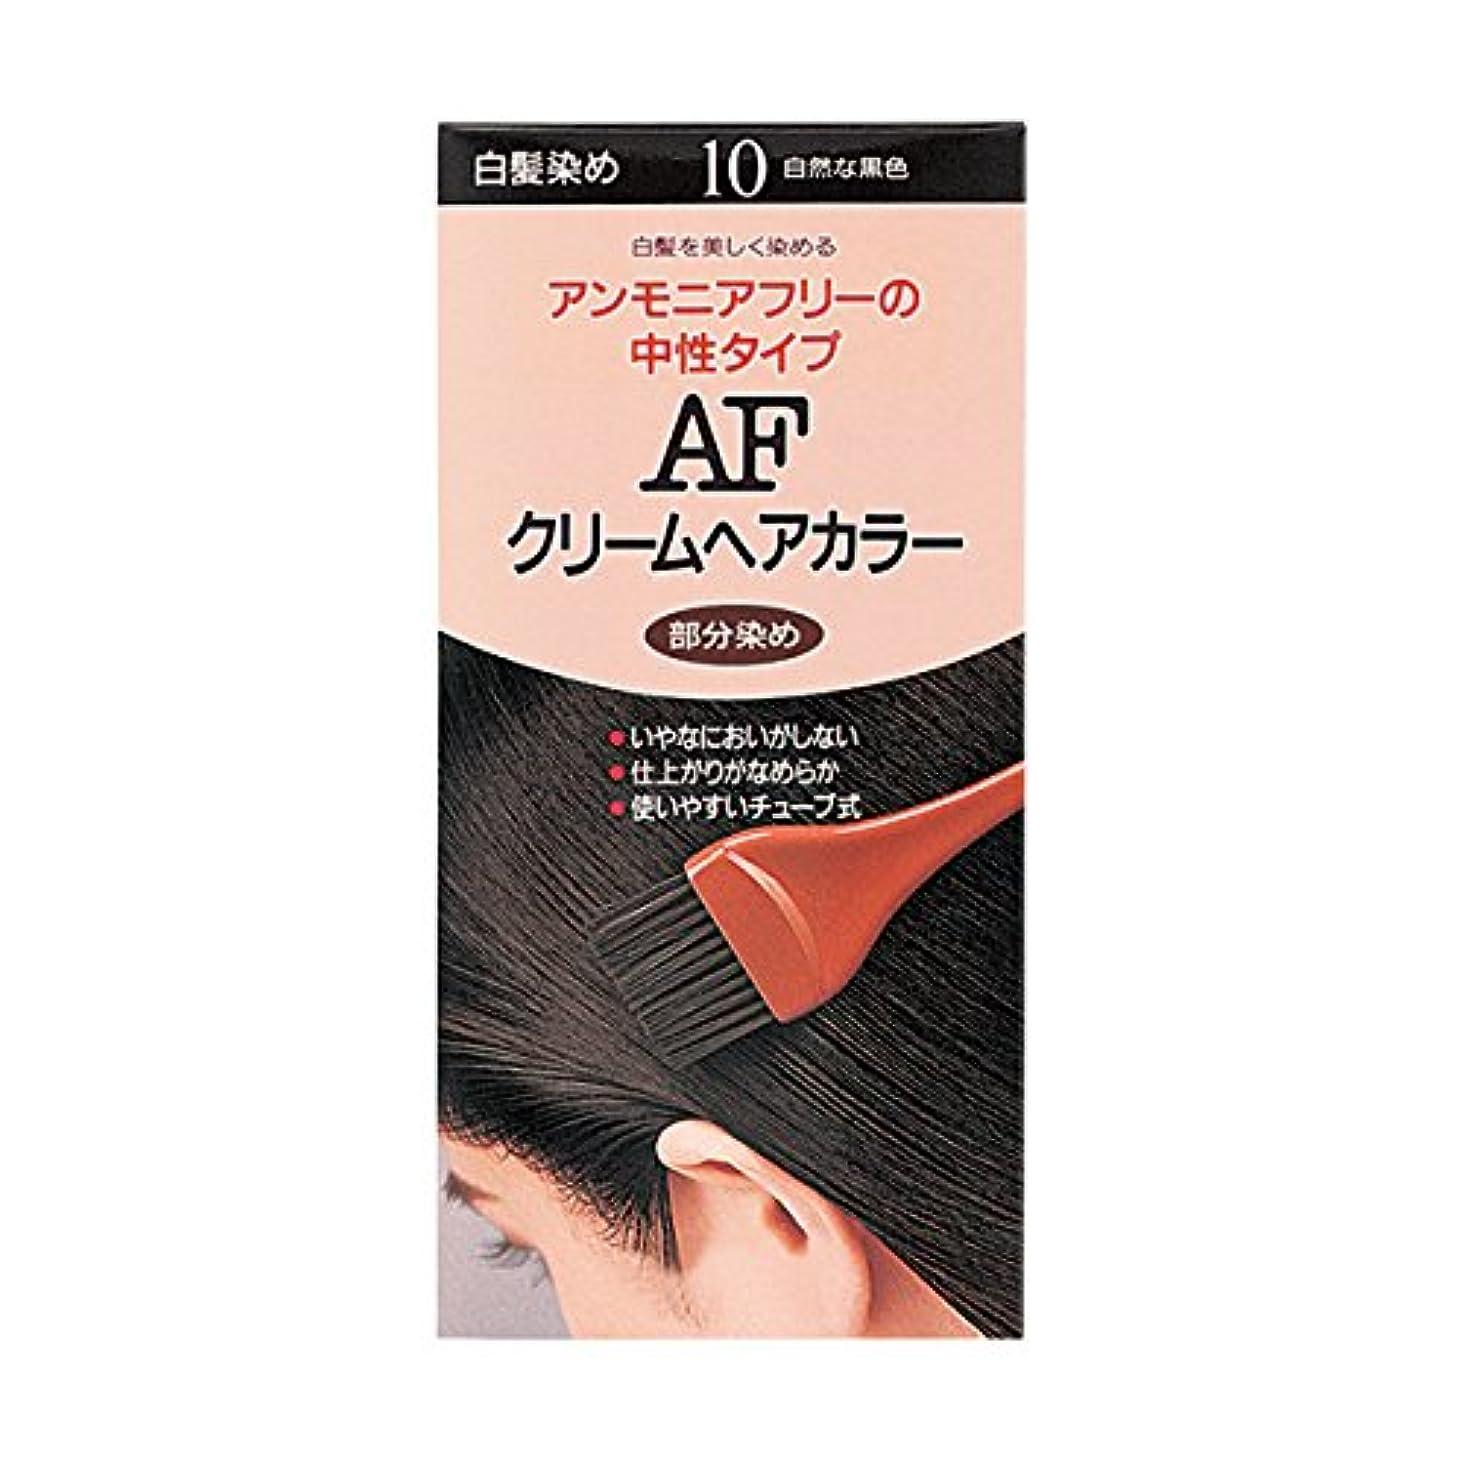 招待溶接マーカーヘアカラー AFクリームヘアカラー 10 【医薬部外品】